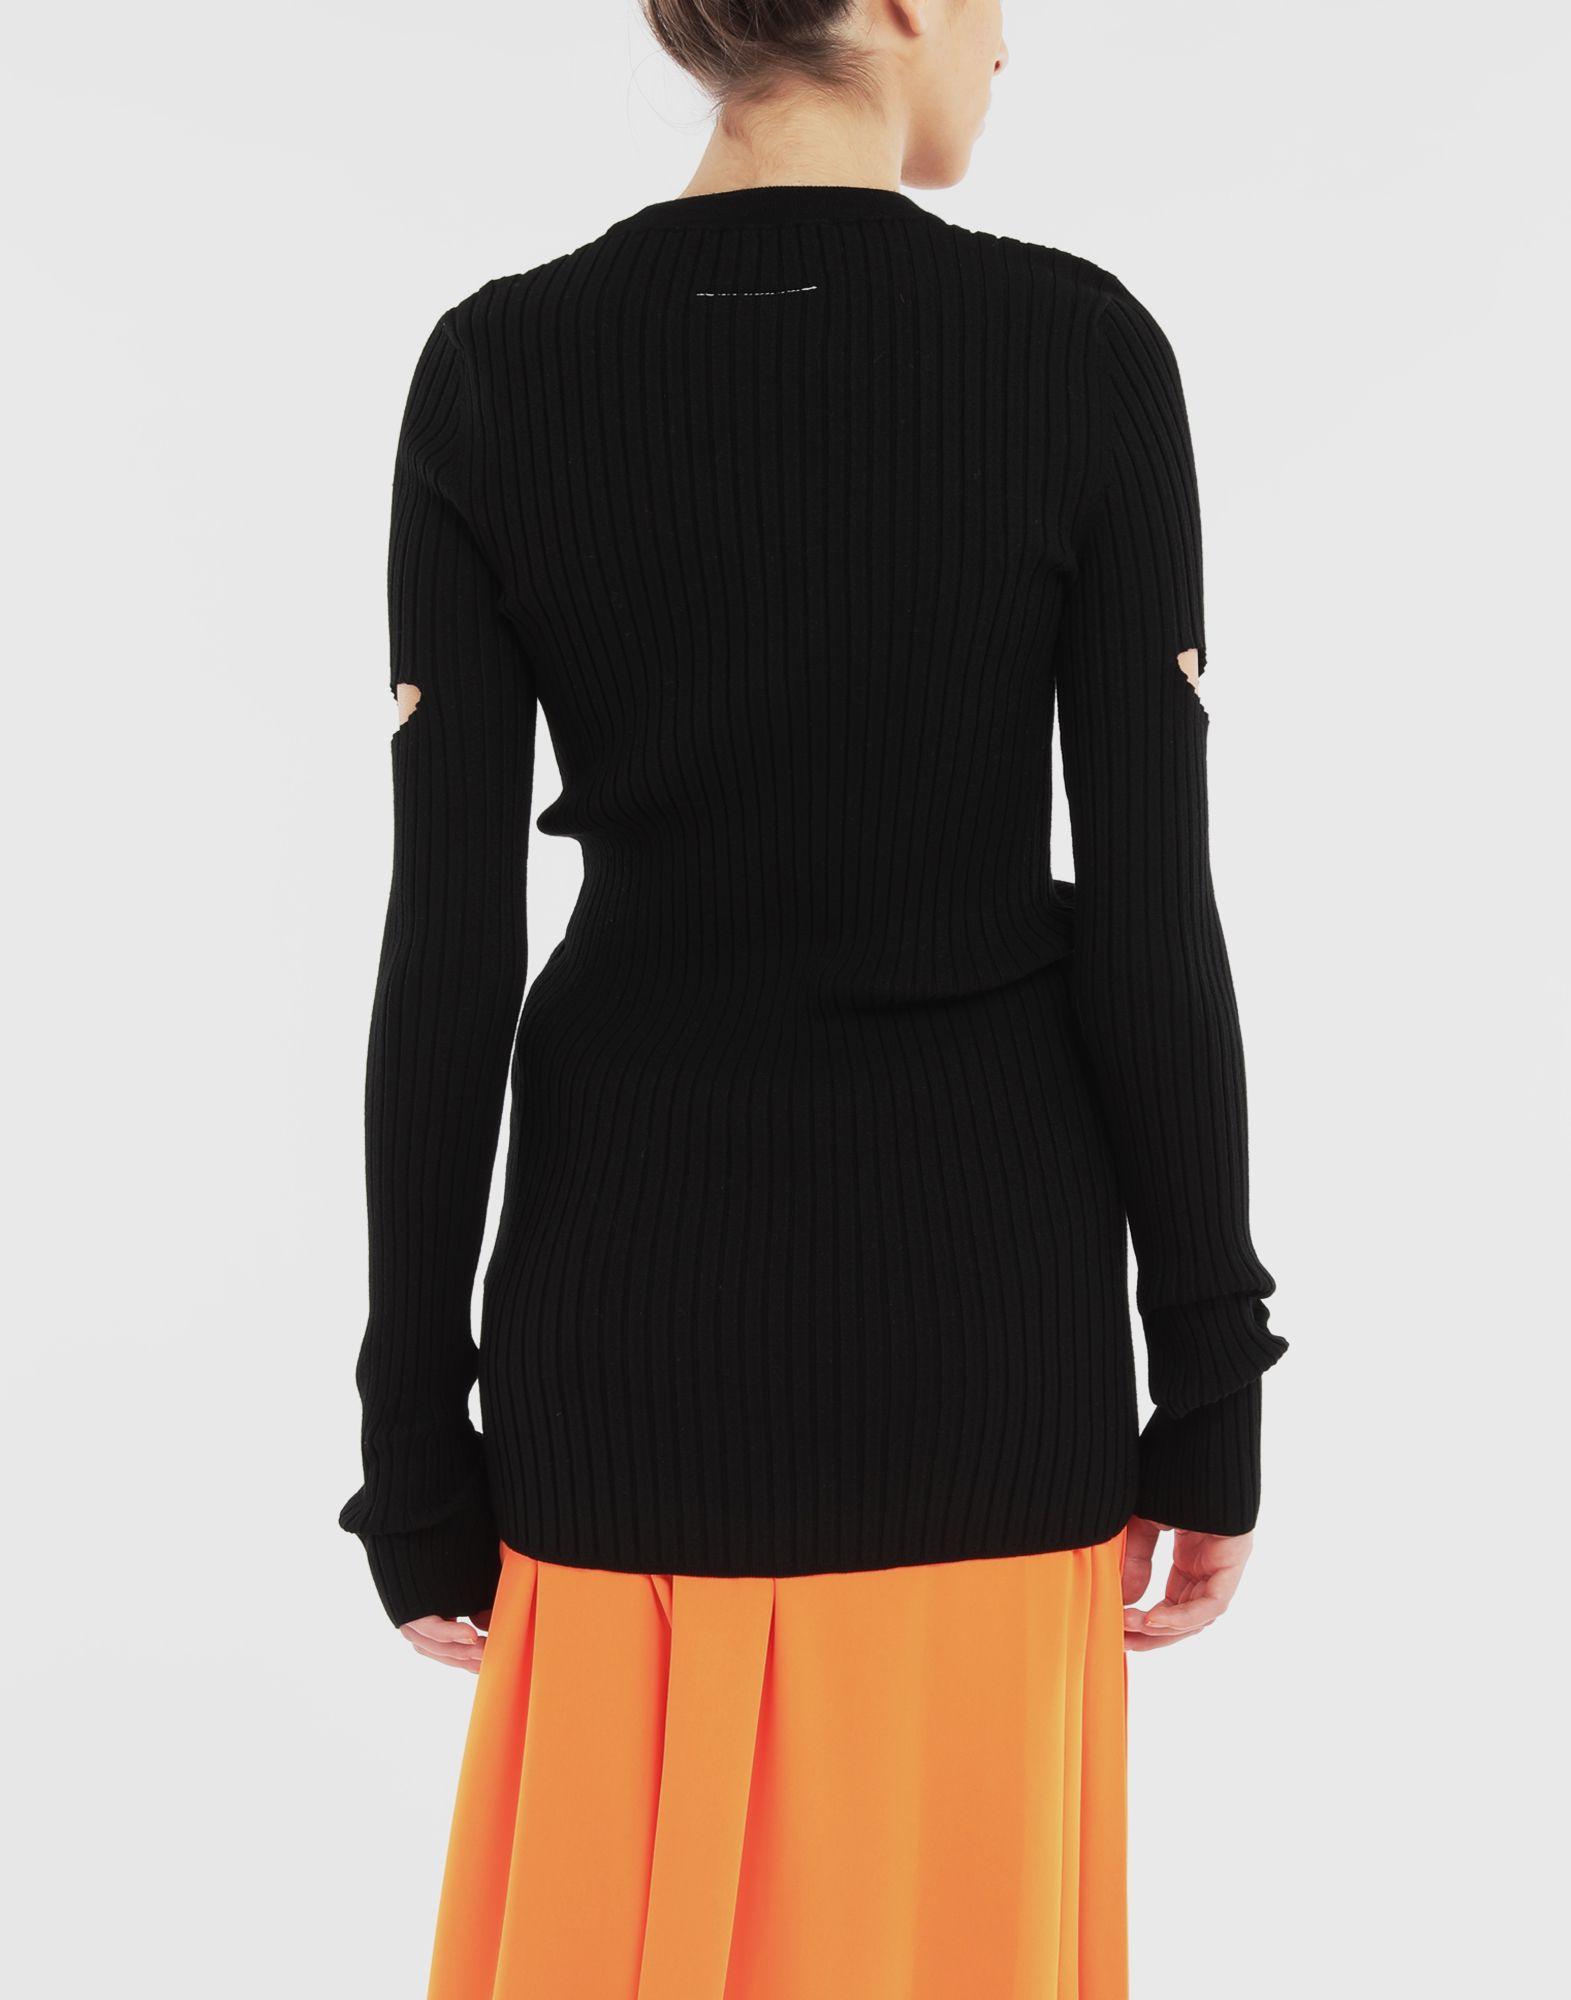 MM6 MAISON MARGIELA Décortiqué pullover Crewneck sweater Woman e